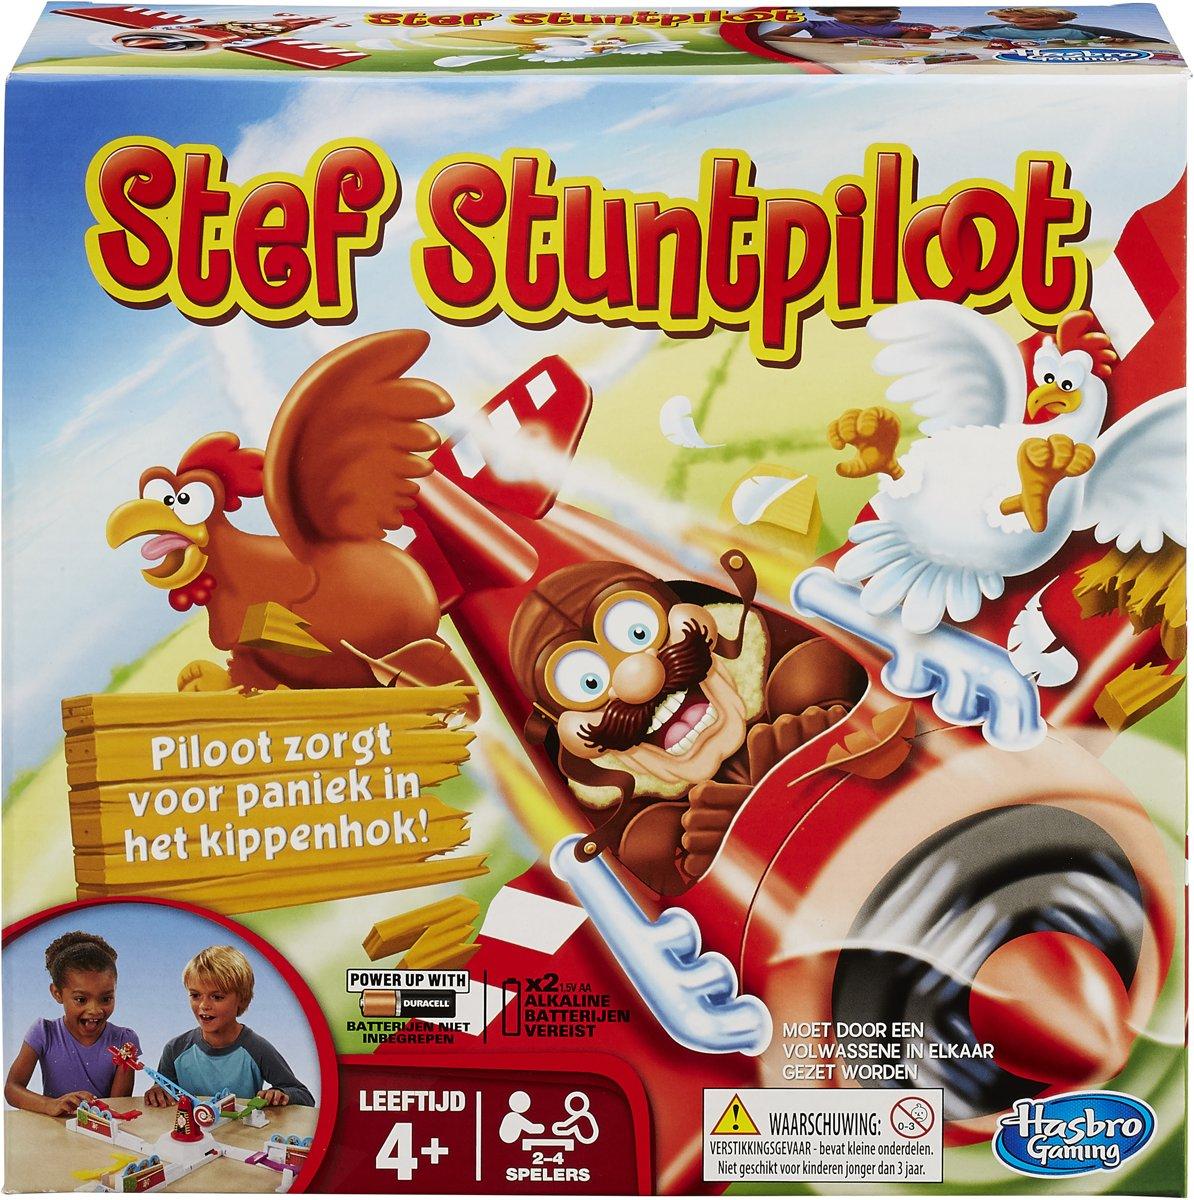 Stef Stuntpiloot - Gezelschapsspel voor €15,99